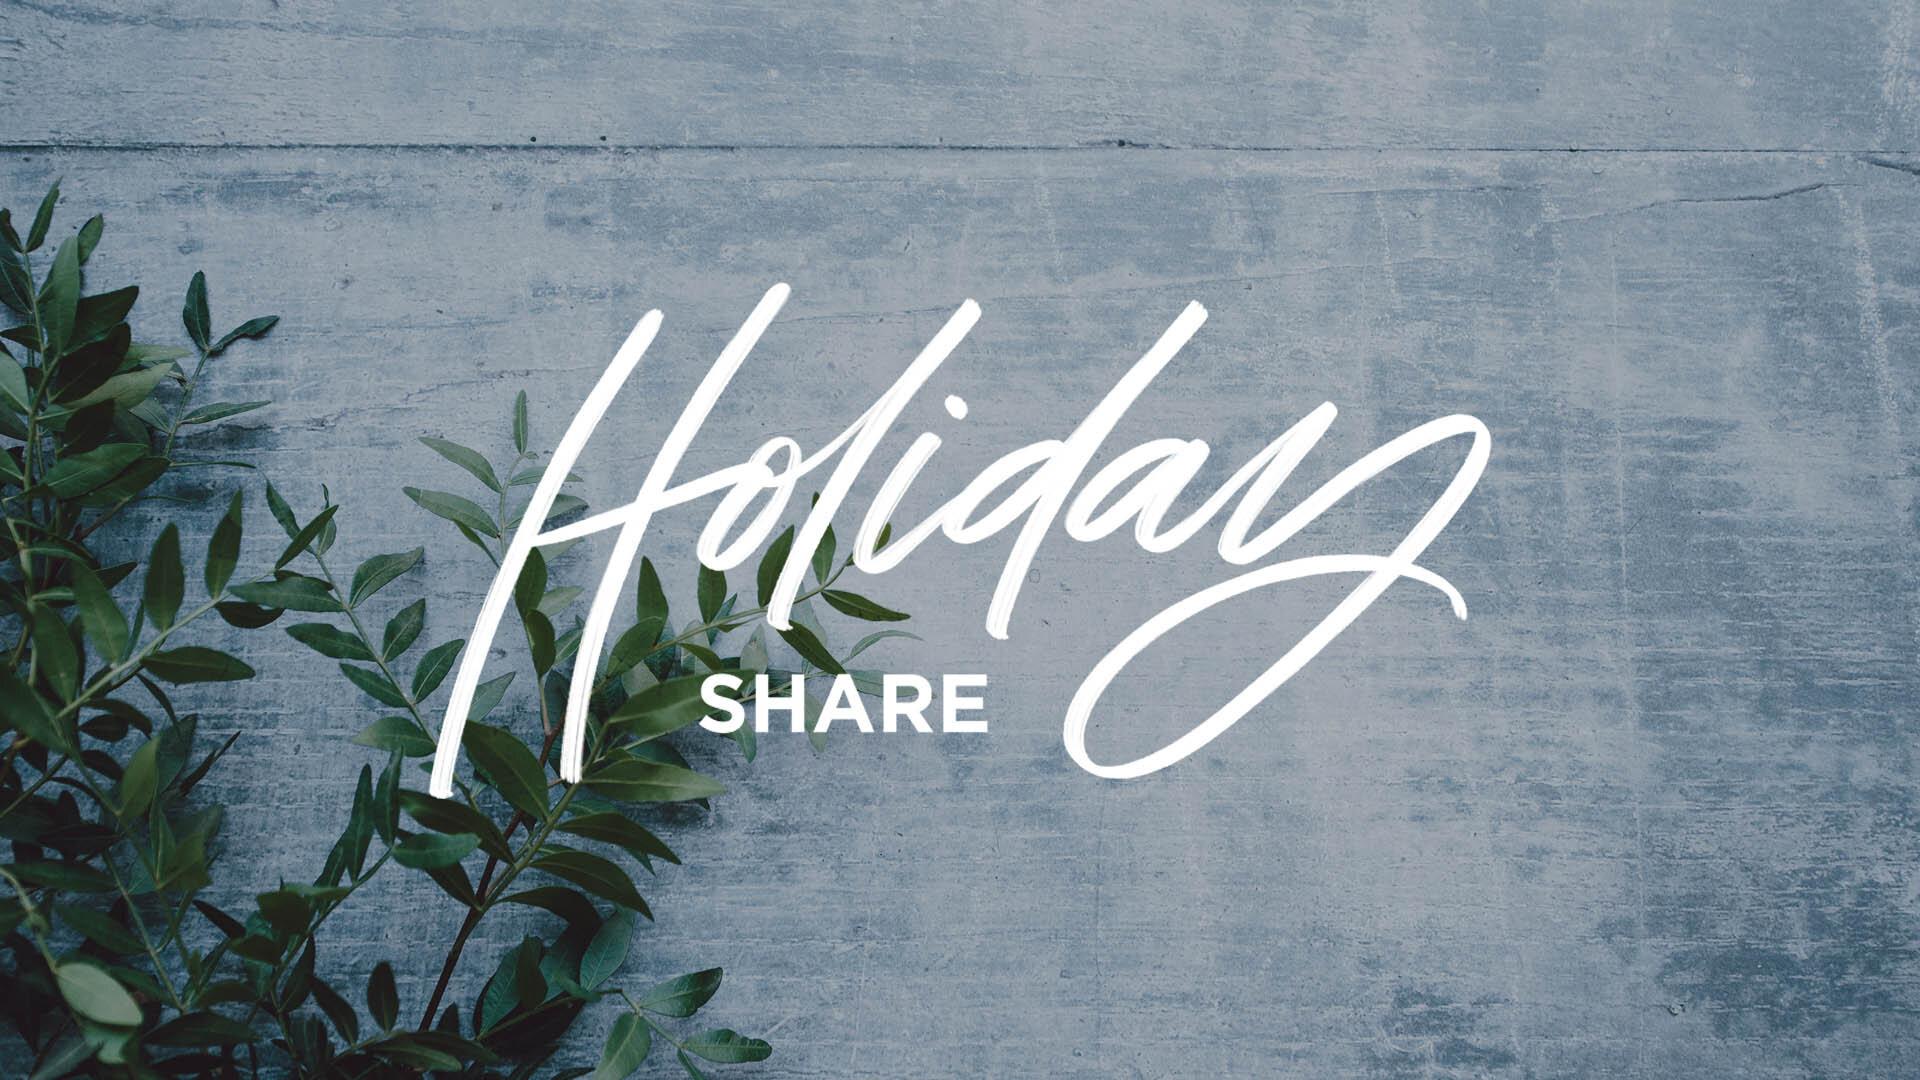 HolidayShare